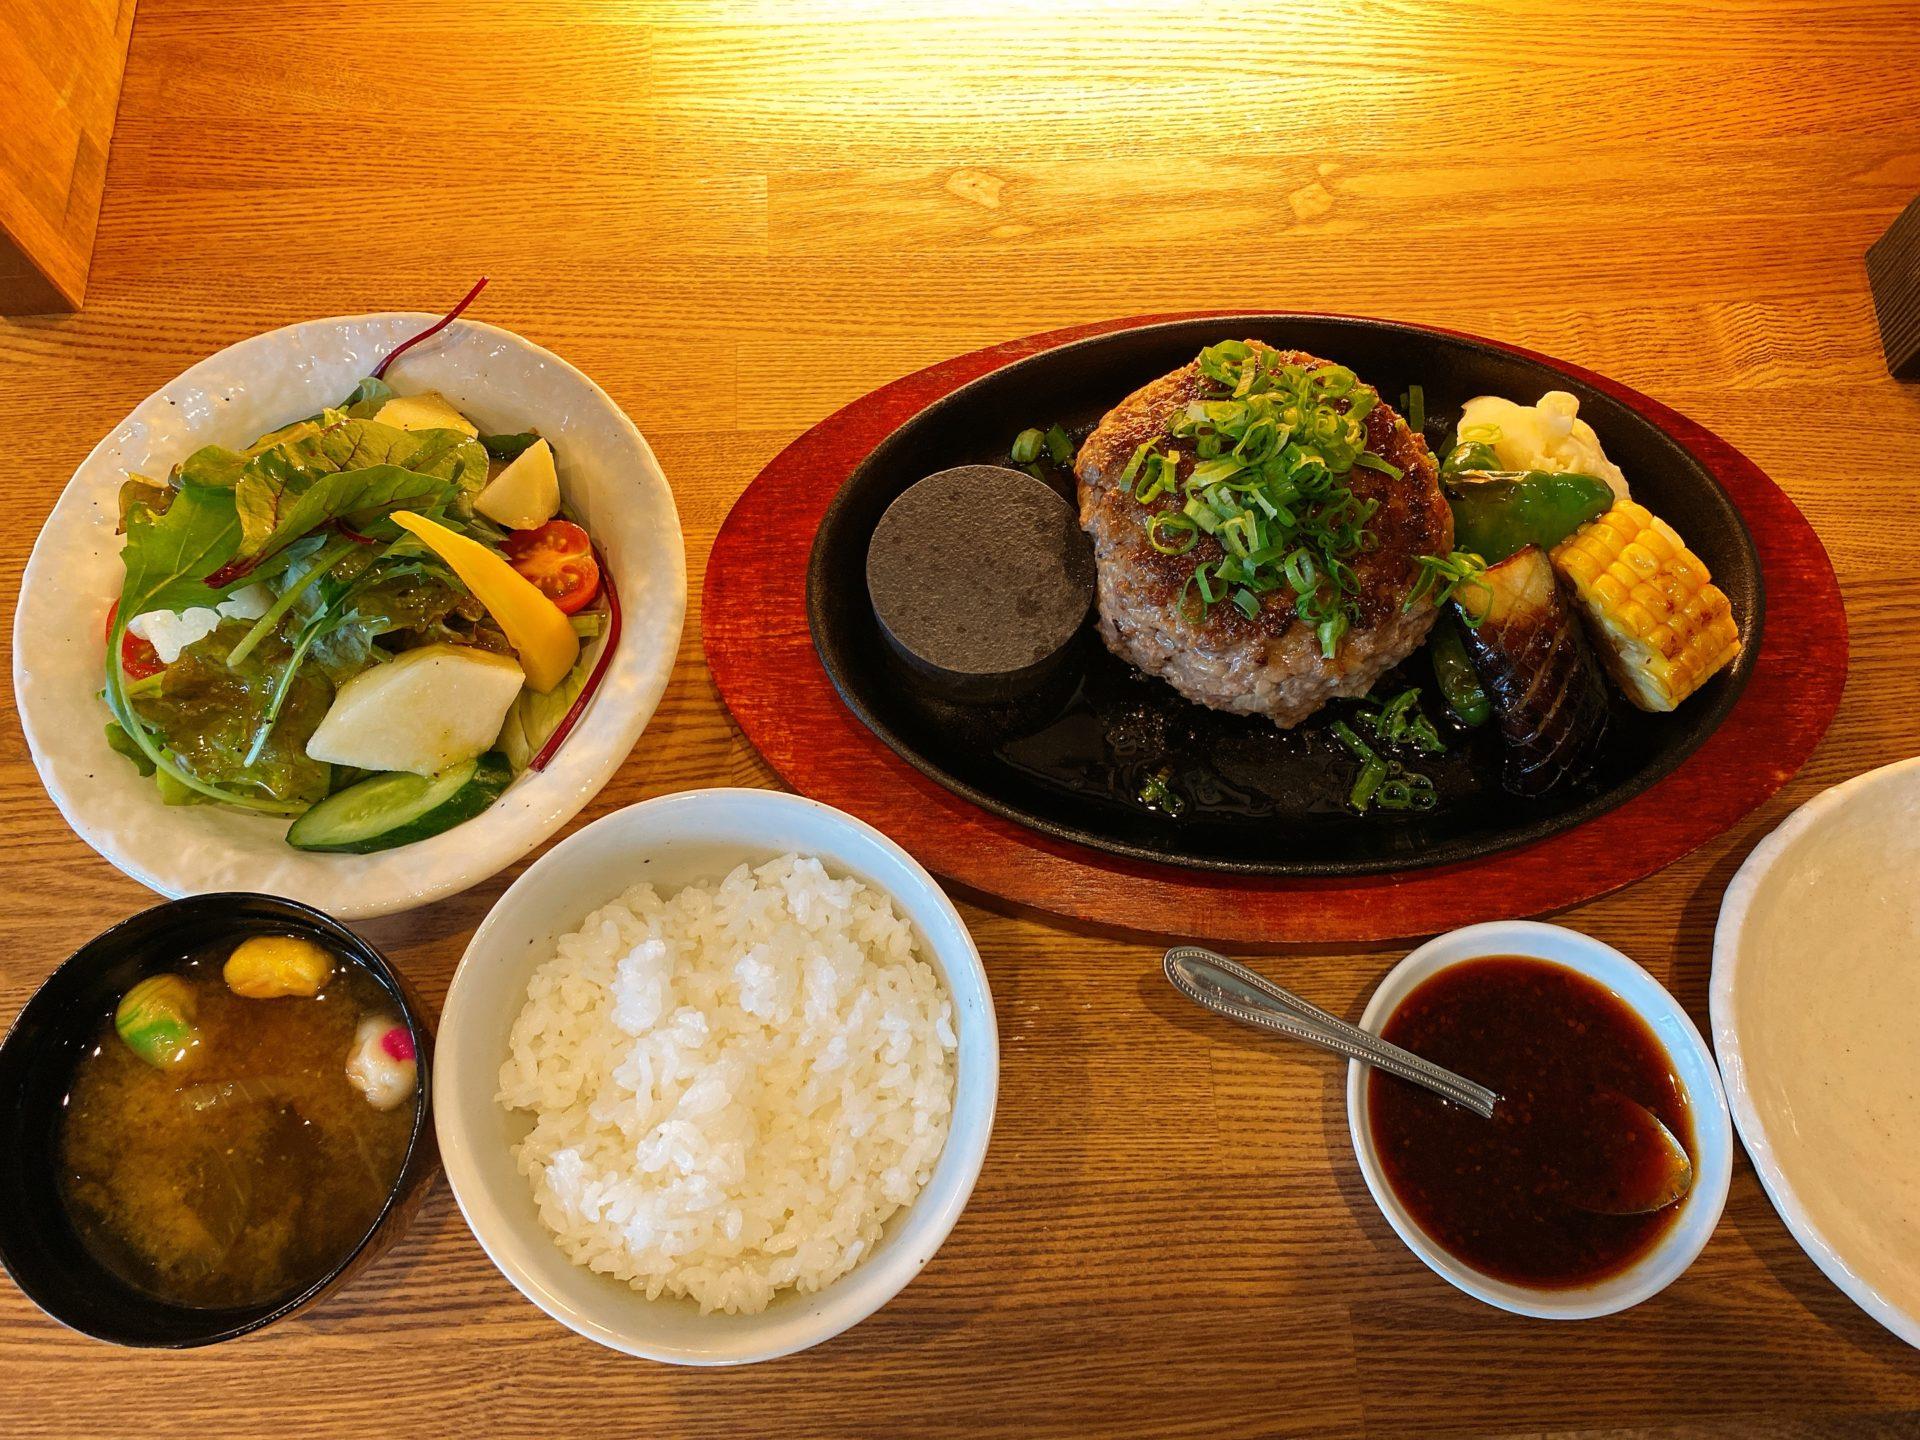 中区海吉の 食彩家 みゆ が、1月4日「生姜専門店」として再オープン!ランチタイムはボリューミーな和牛ハンバーグのみ提供